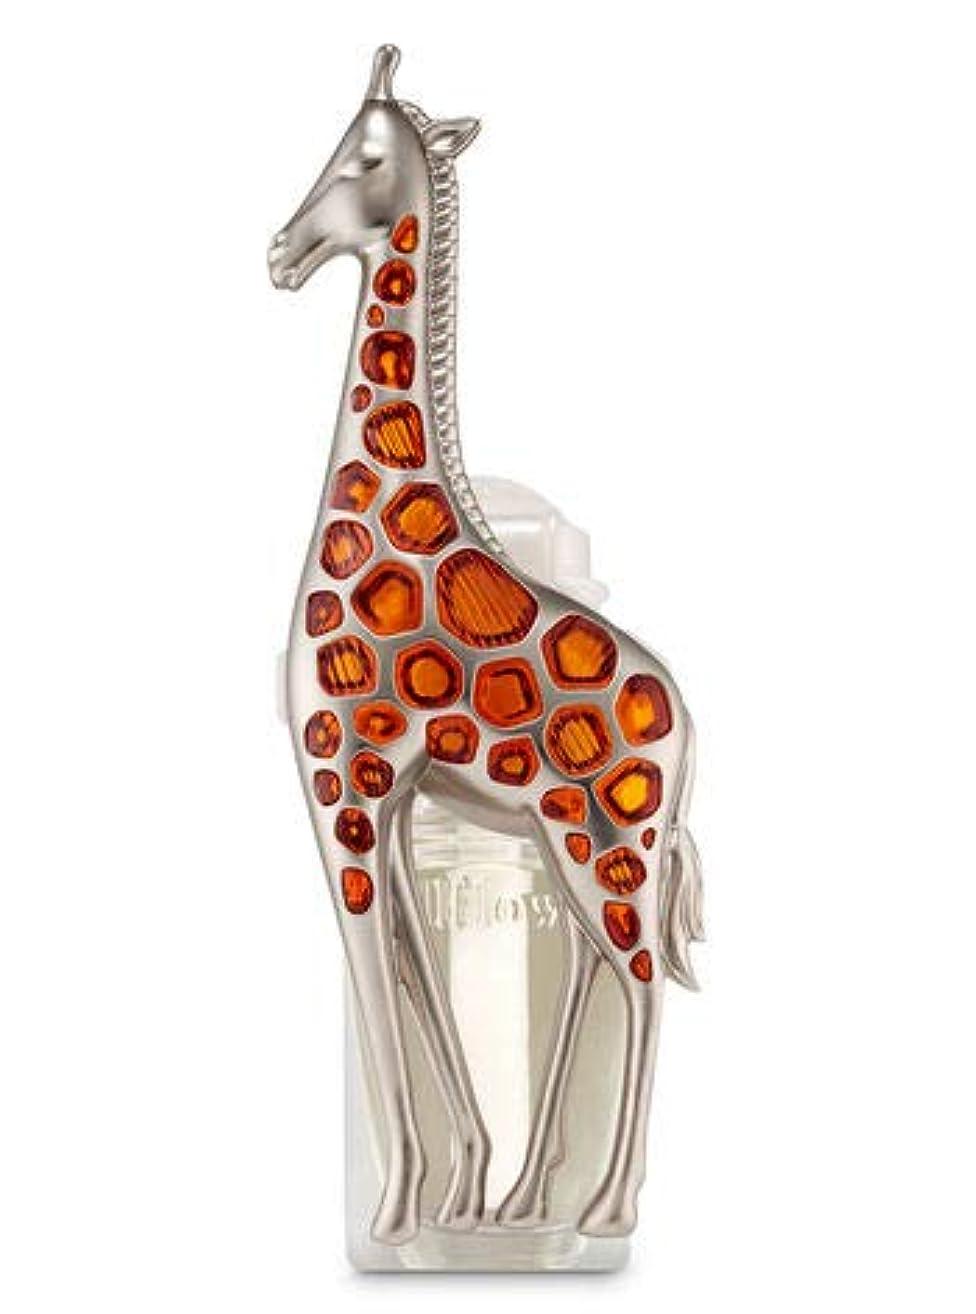 悪性腫瘍ウミウシバター【Bath&Body Works/バス&ボディワークス】 ルームフレグランス プラグインスターター (本体のみ) キリン ナイトライト Wallflowers Fragrance Plug Giraffe Night Light [並行輸入品]